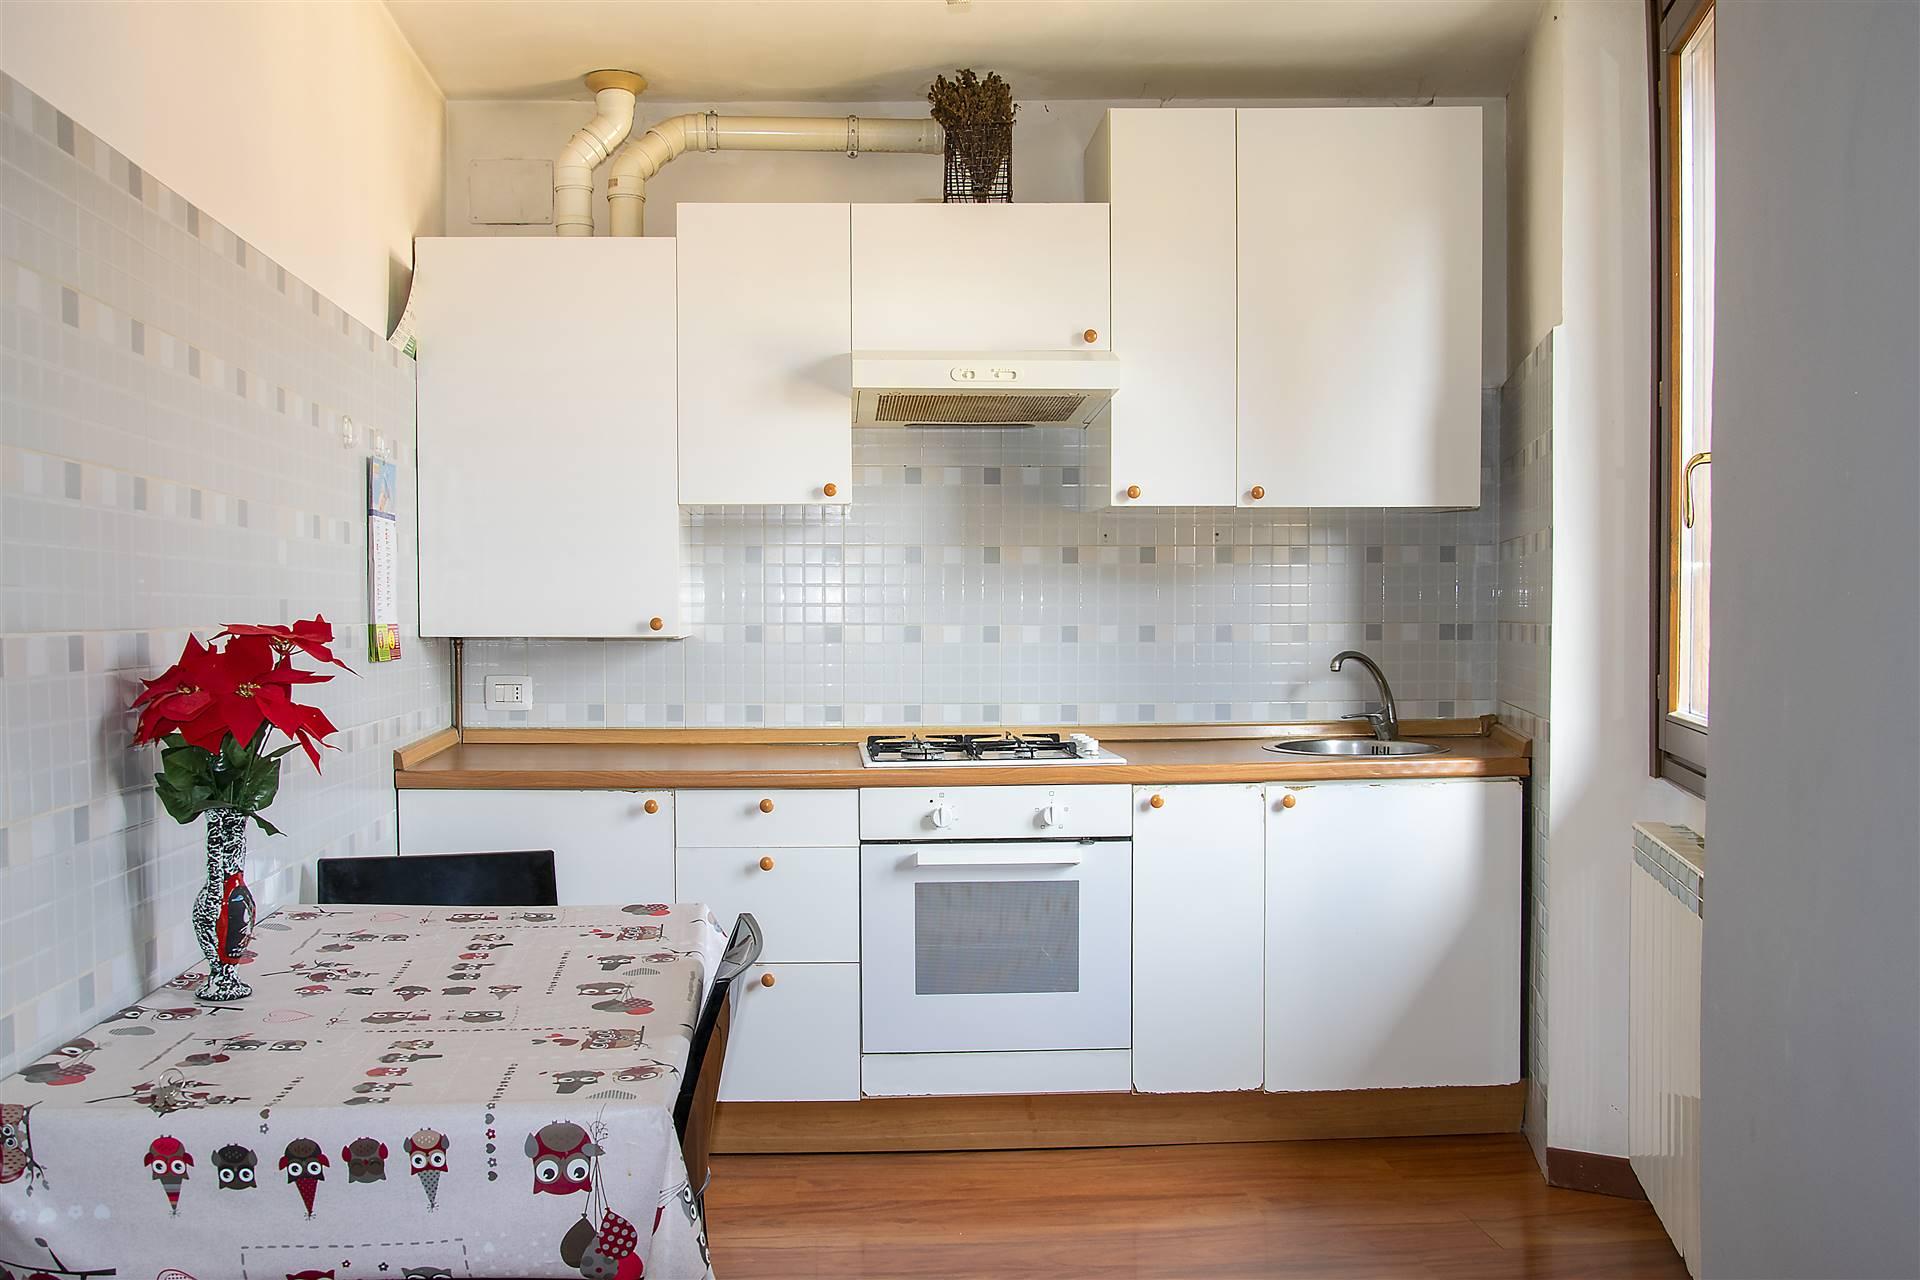 Appartamento in vendita a Trezzo sull'Adda, 2 locali, prezzo € 55.000 | CambioCasa.it